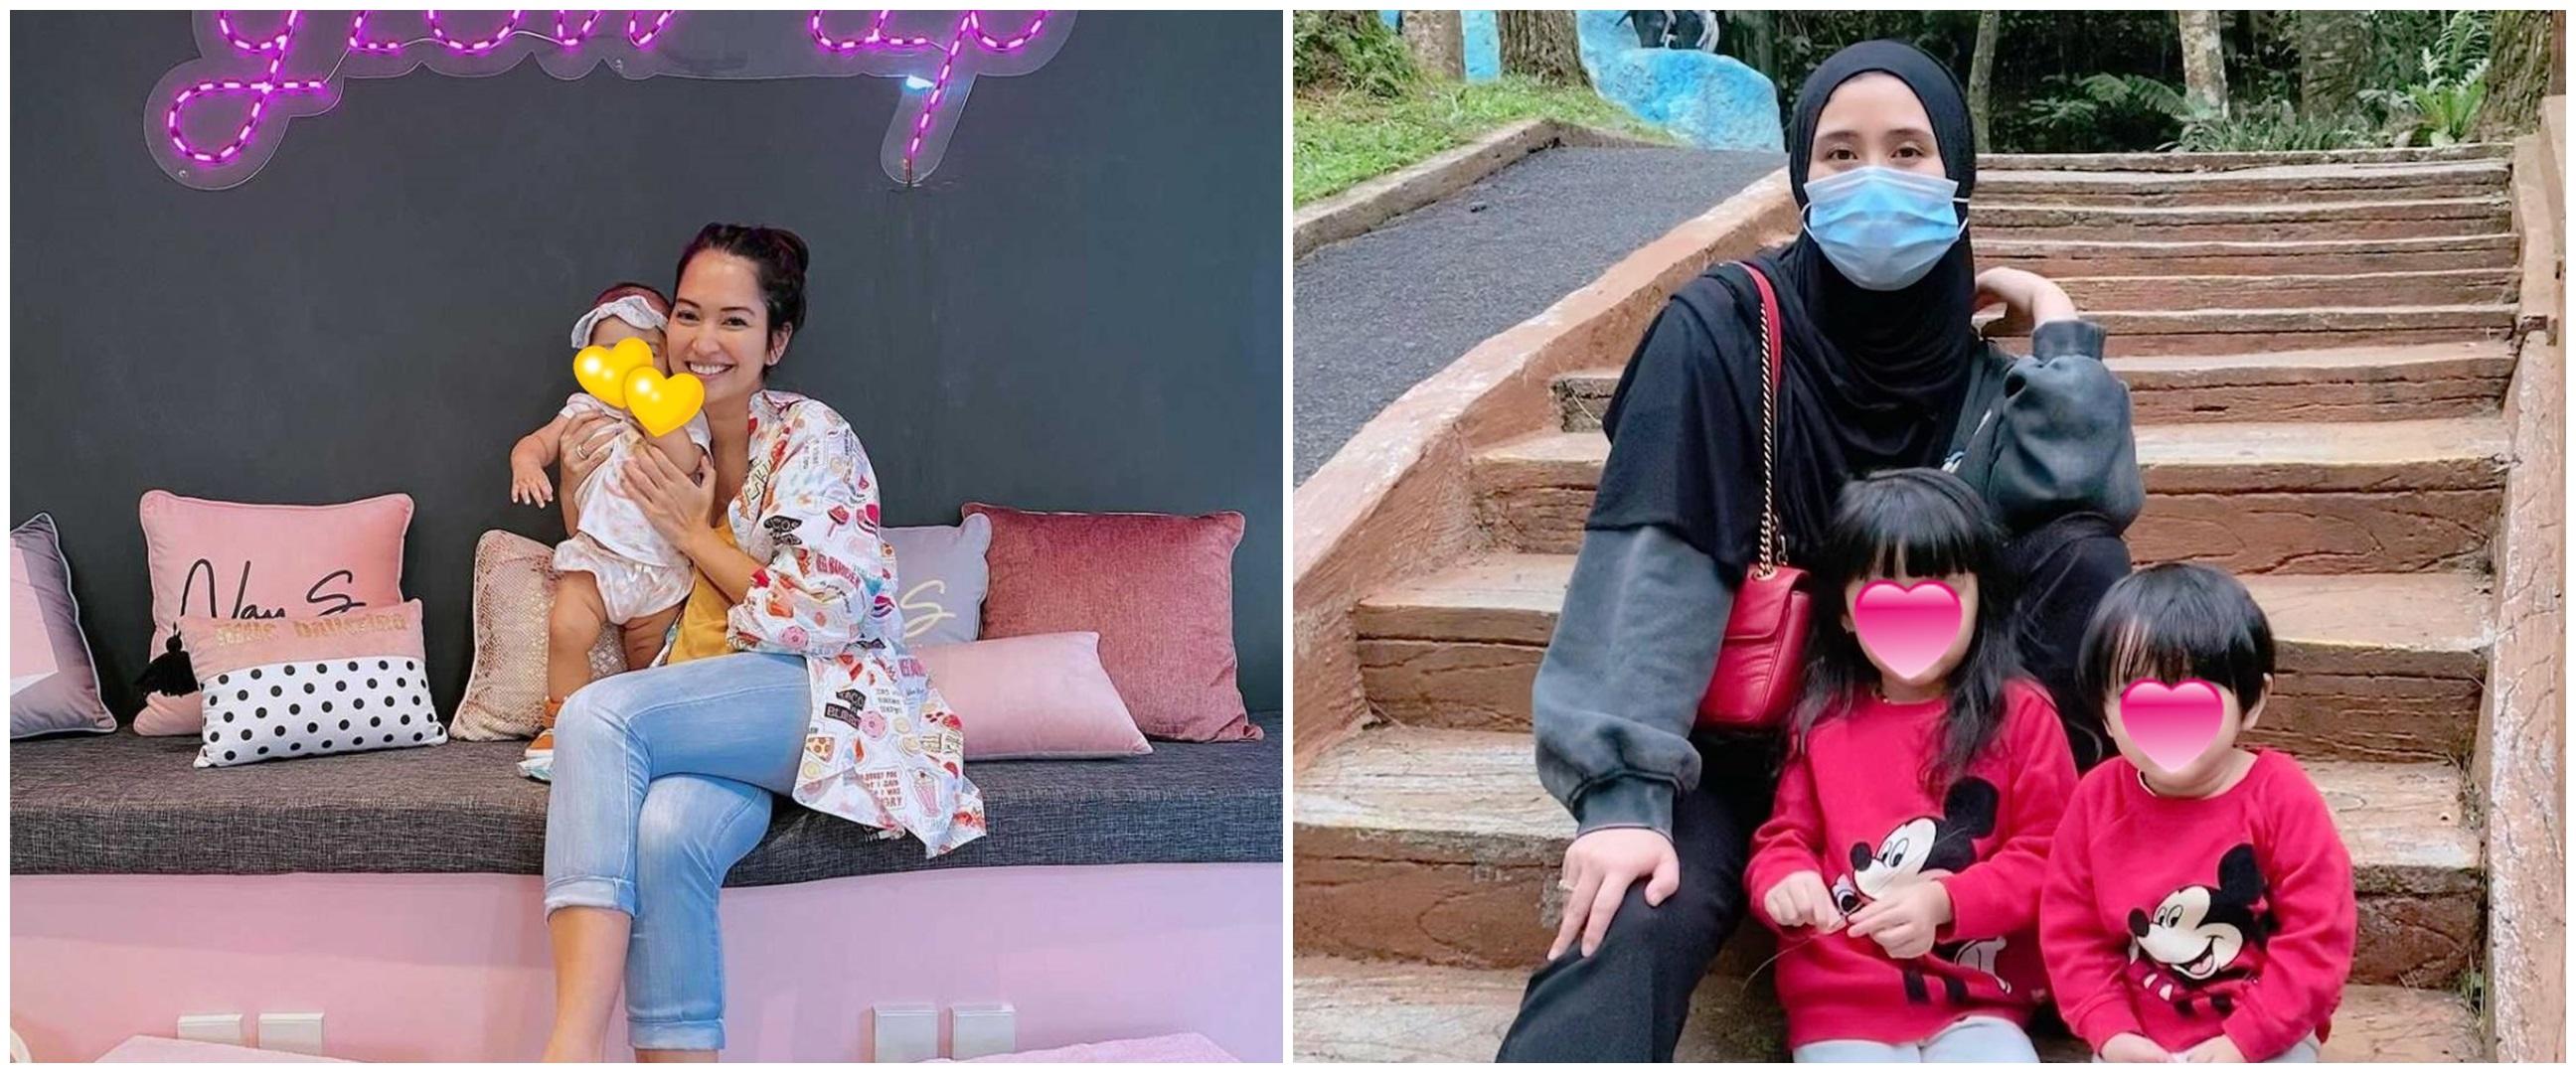 Vakum dari dunia hiburan, intip beda gaya 8 seleb Ratu FTV momong anak